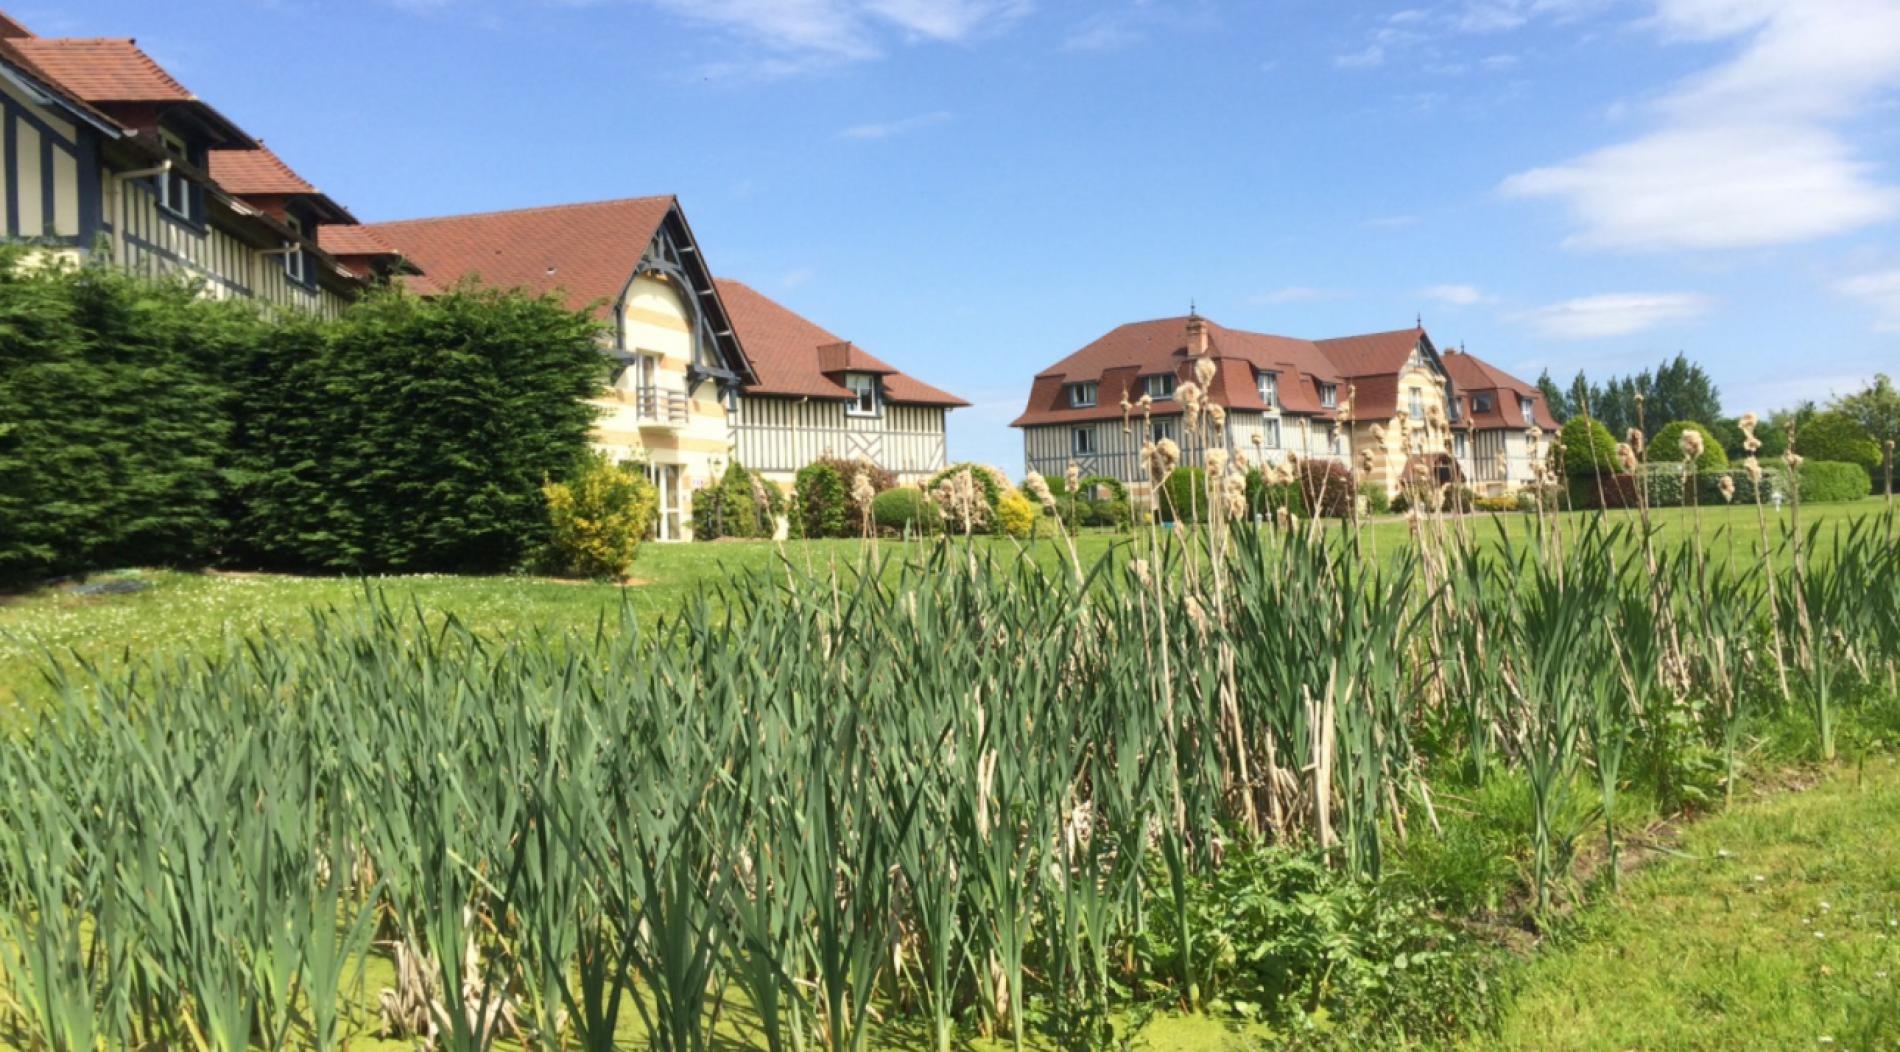 Joli parc arboré en Normandie